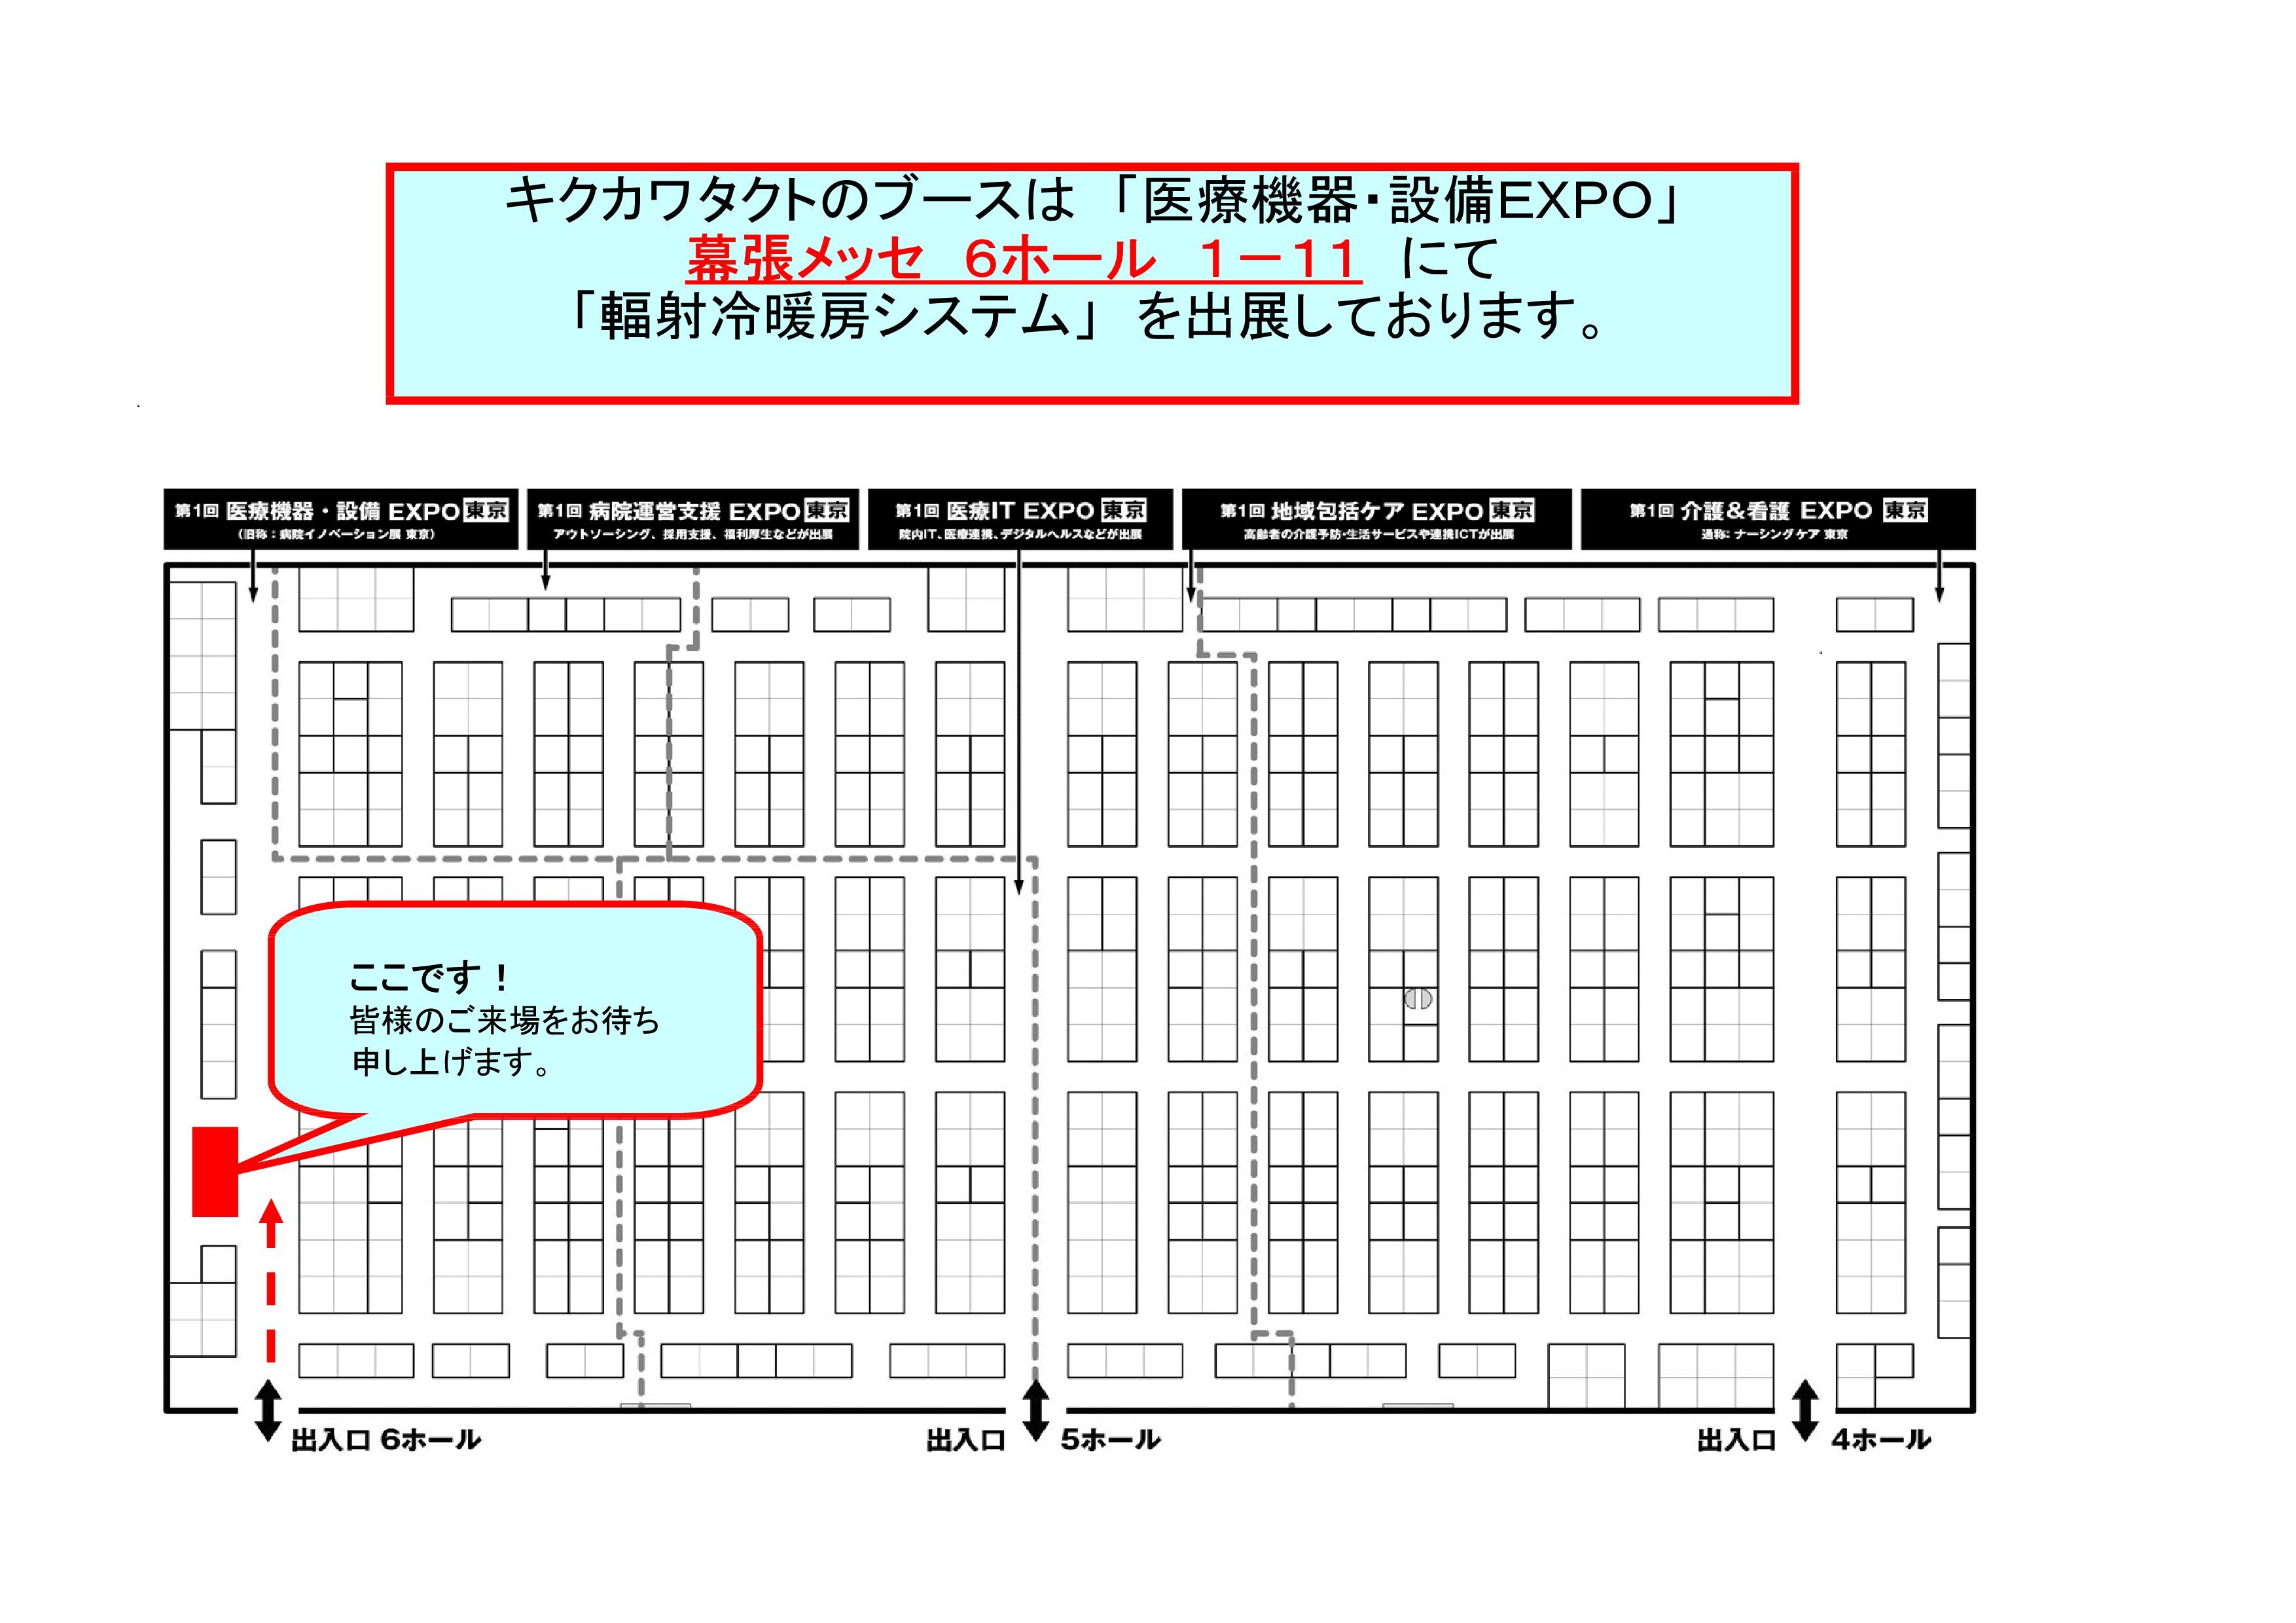 キクカワタクト展示ブース場所  (幕張メッセ 6ホール 1-11)